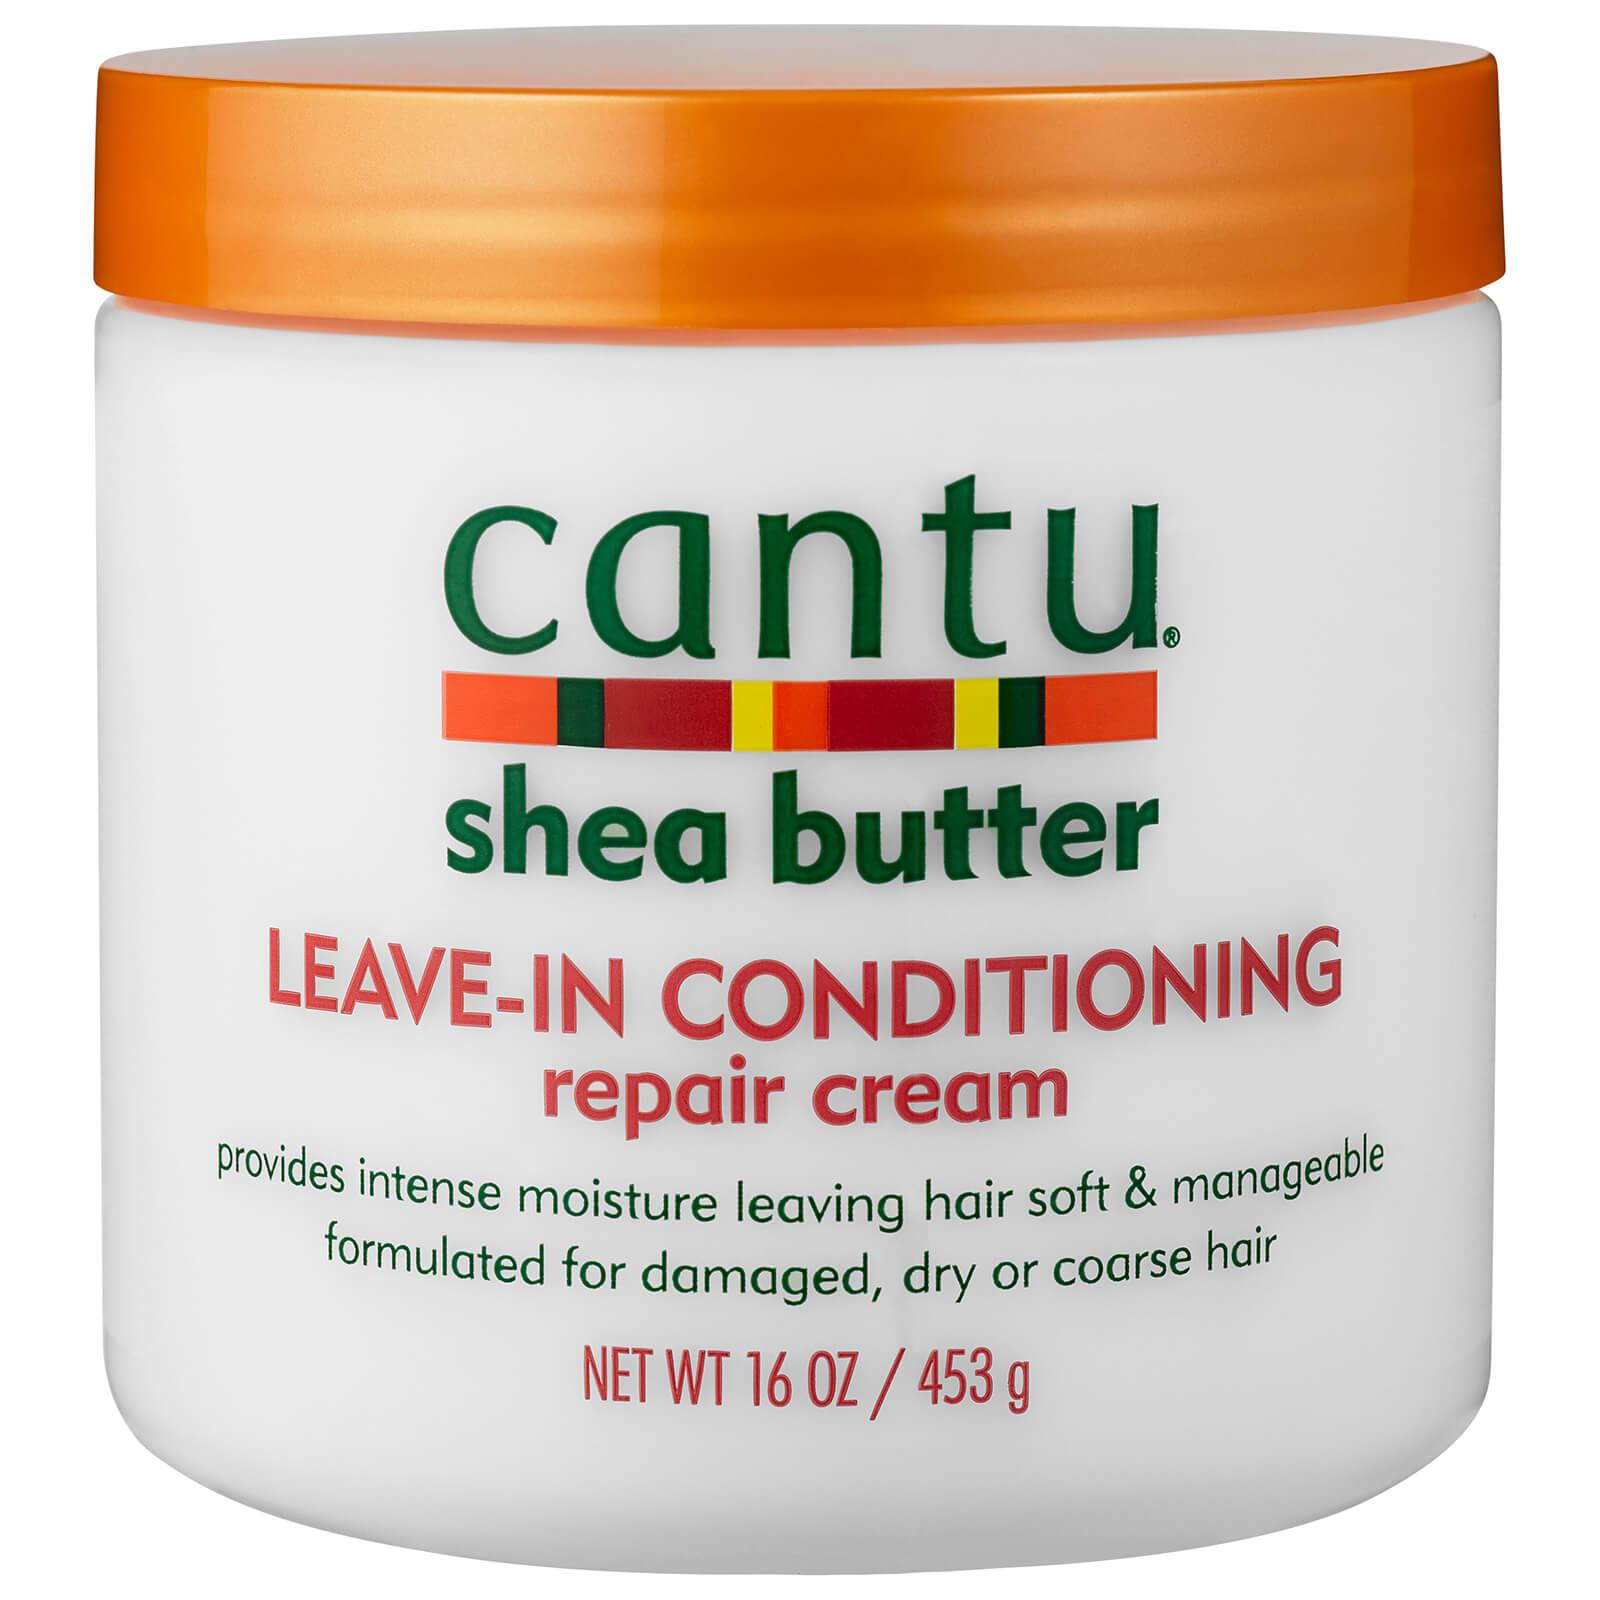 Купить Cantu Argan Oil Leave-In Conditioning Repair Cream 453g/16oz